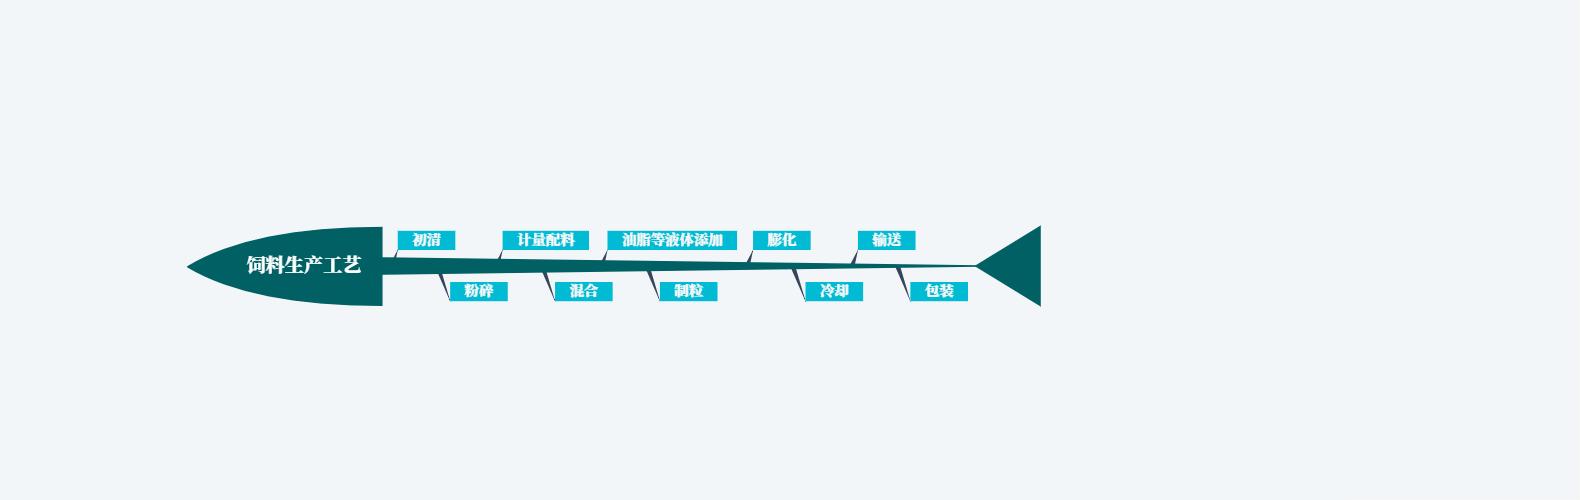 优德88官方网APP生产工艺